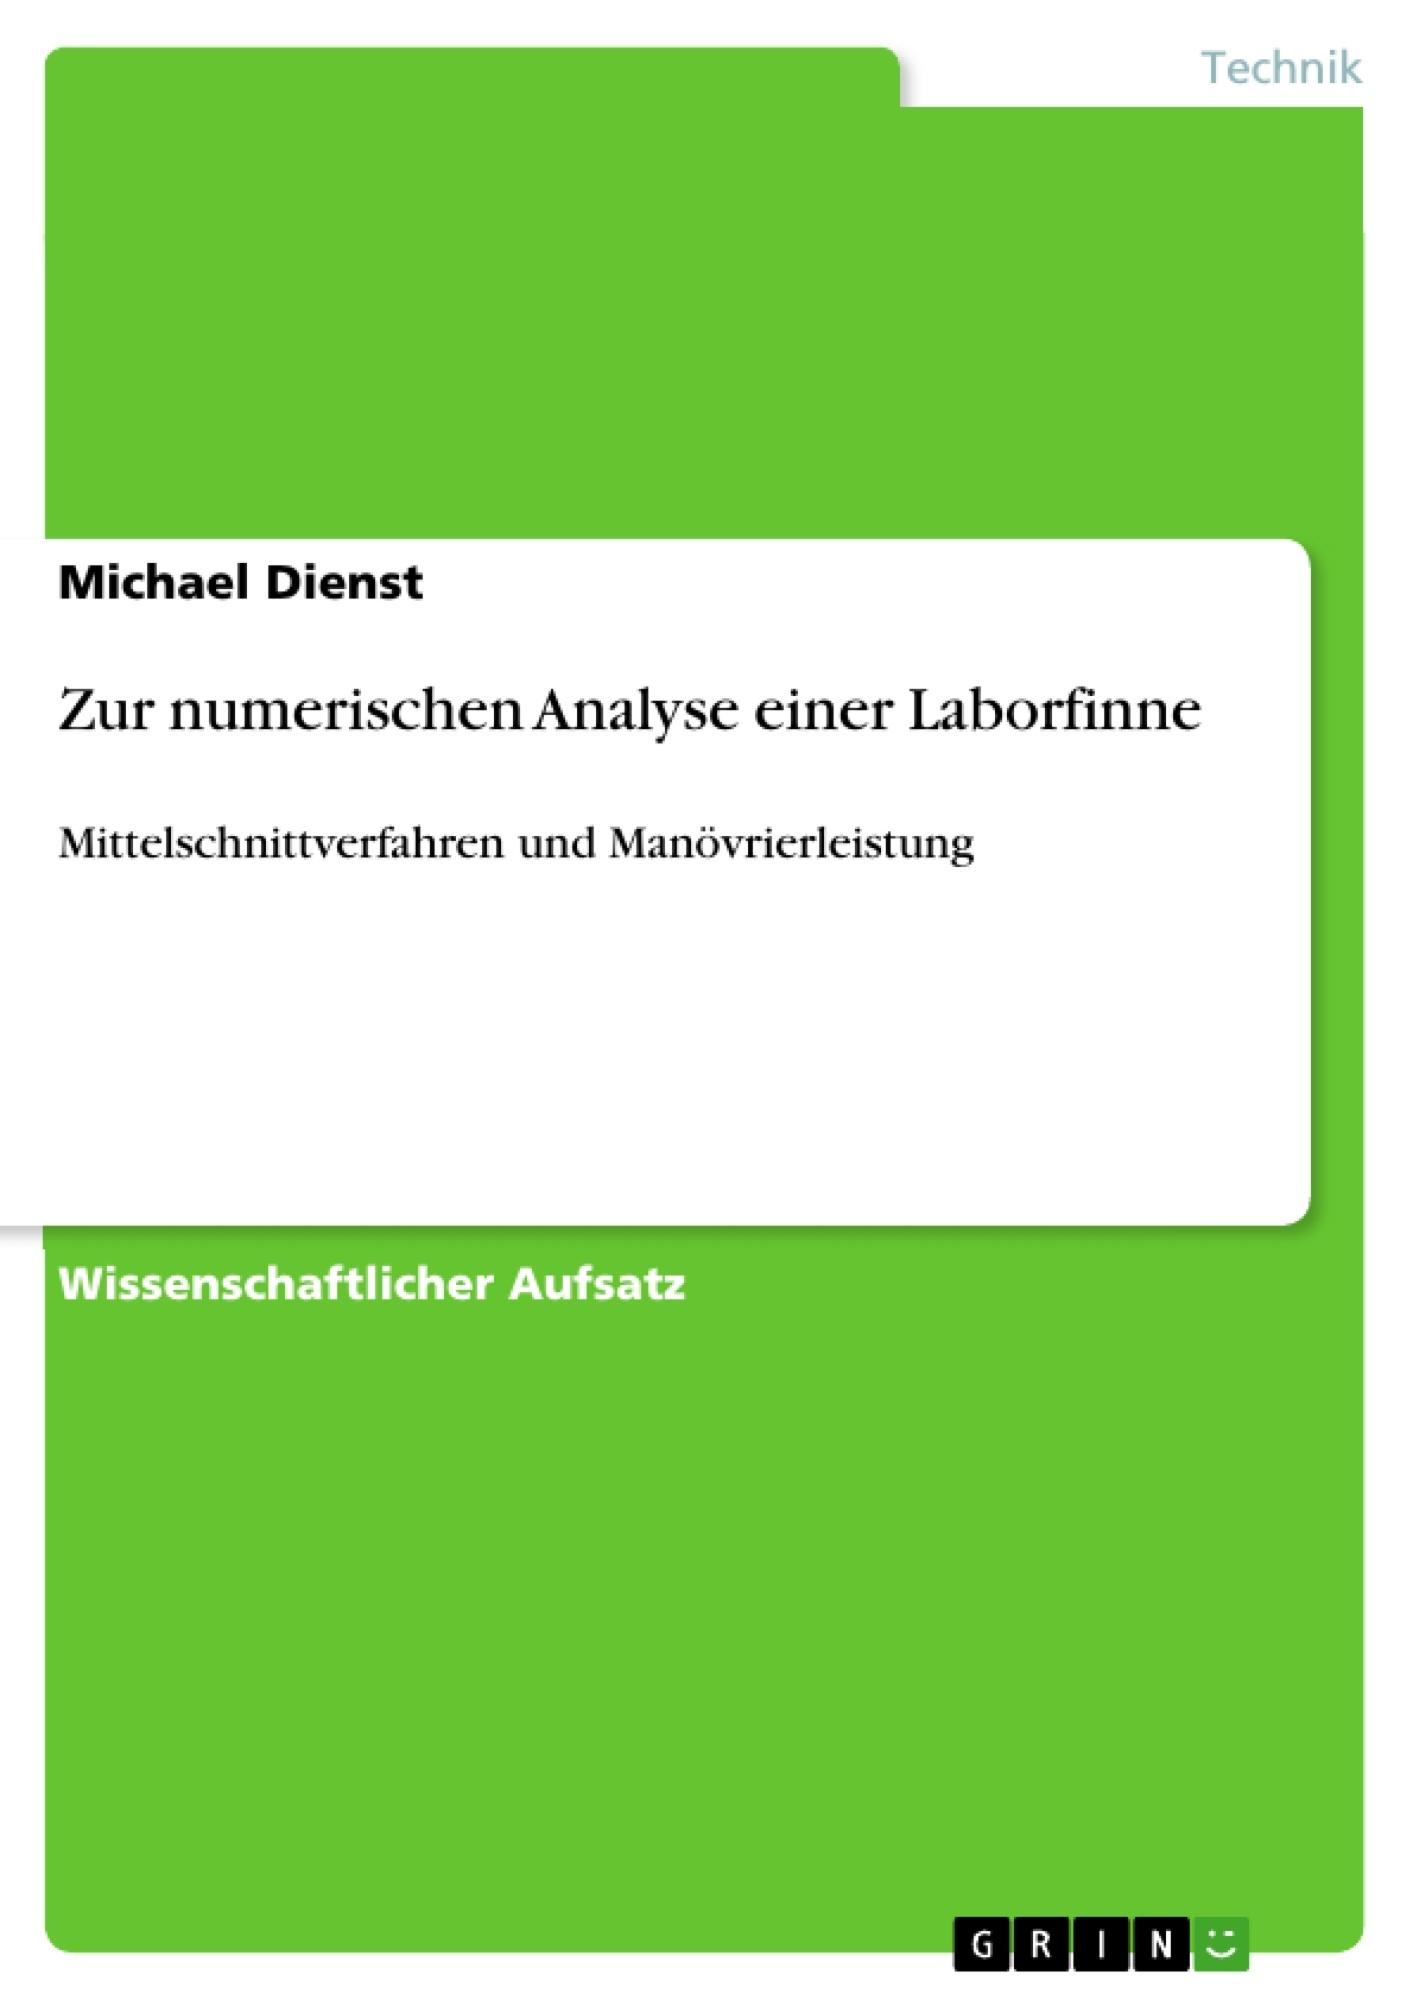 Titel: Zur numerischen Analyse einer Laborfinne